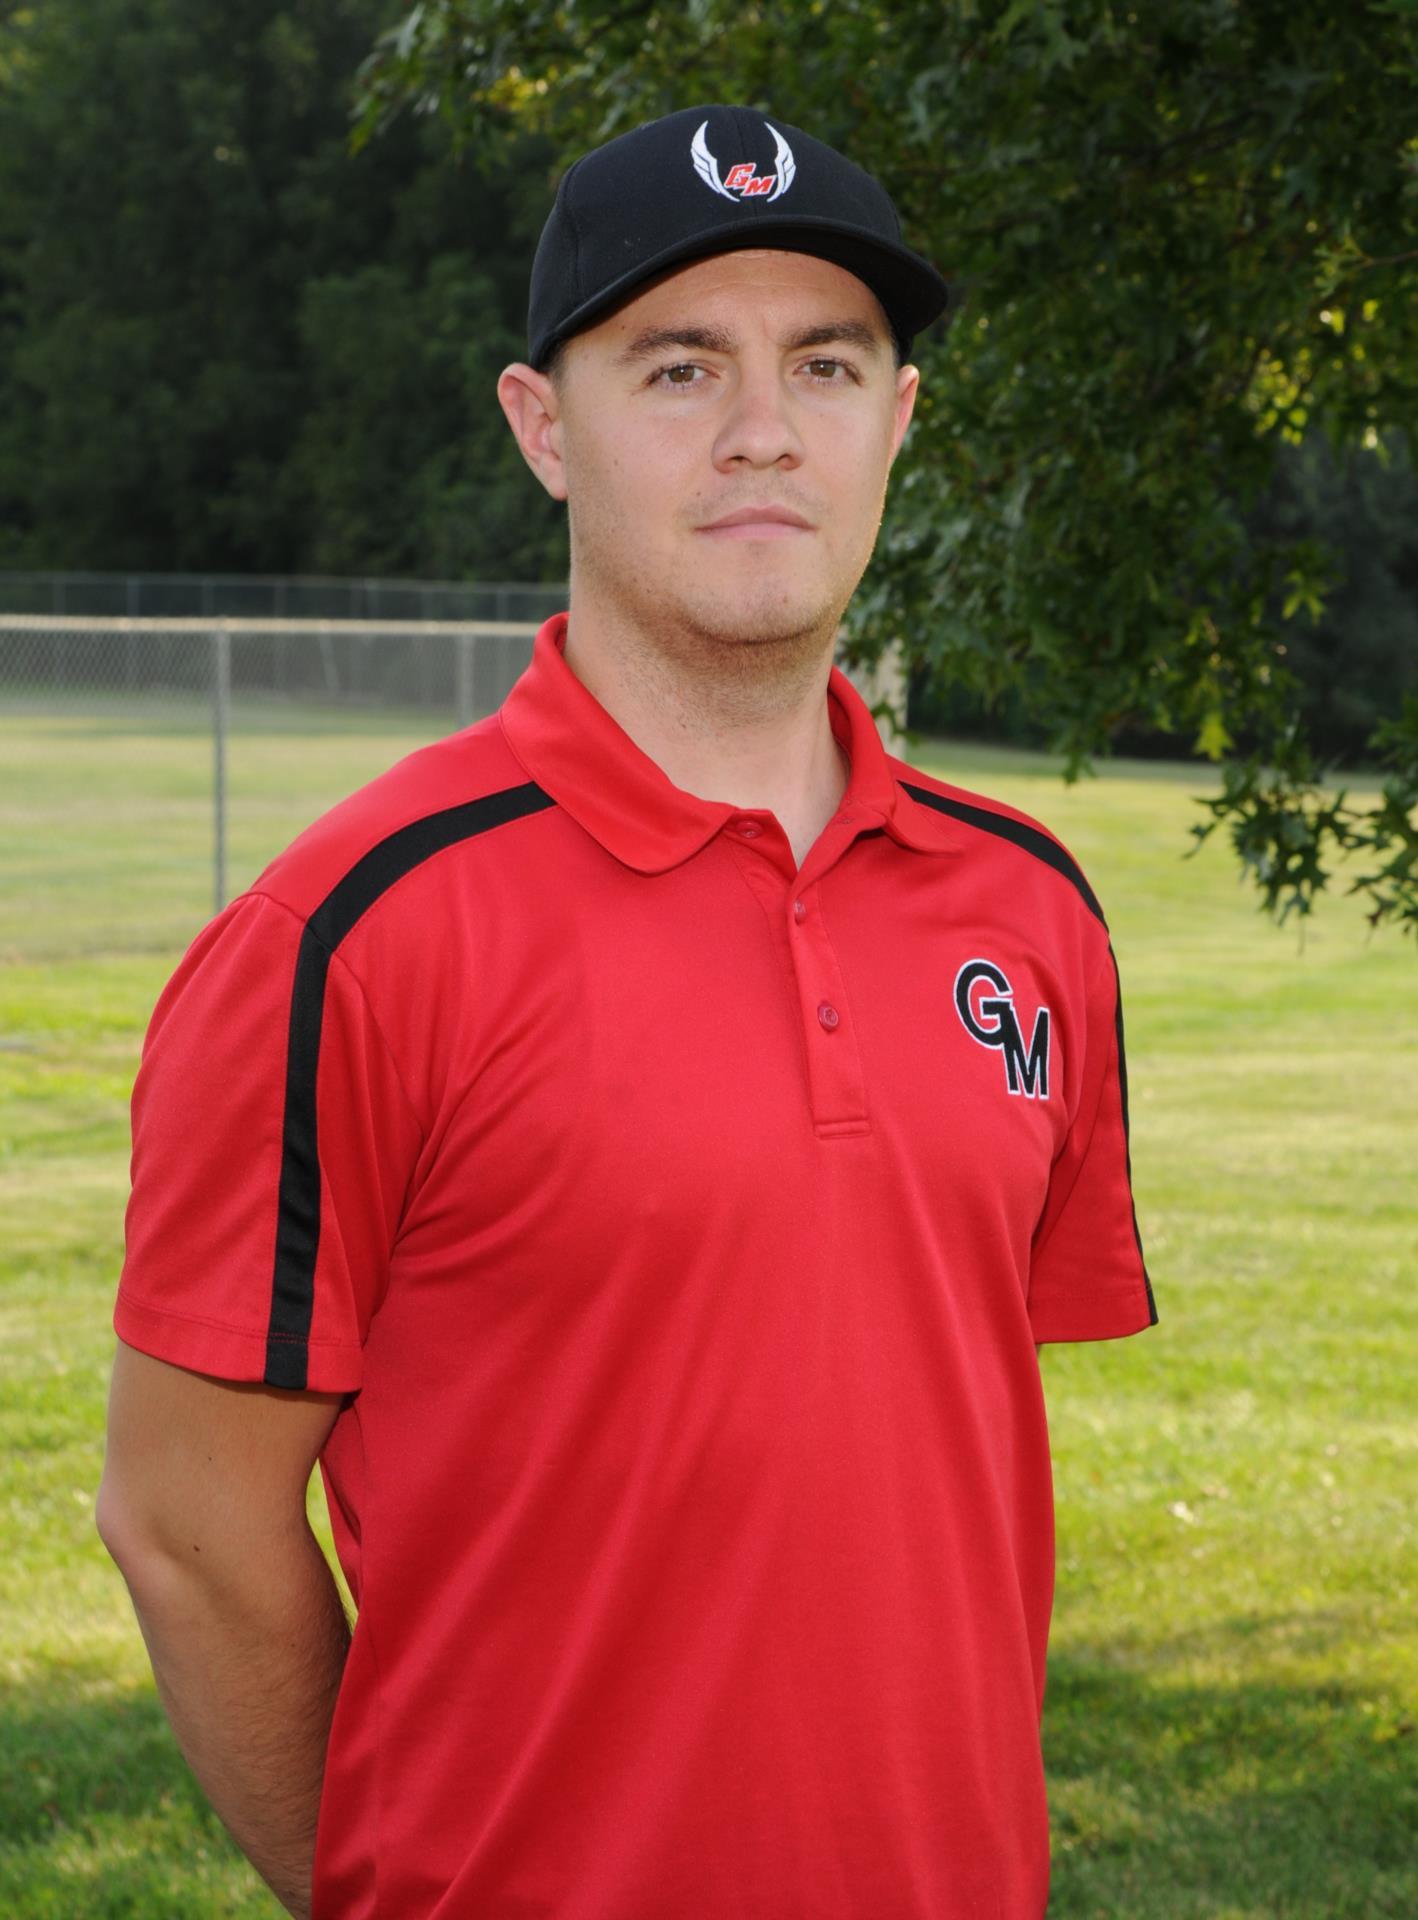 Head GTRK Coach